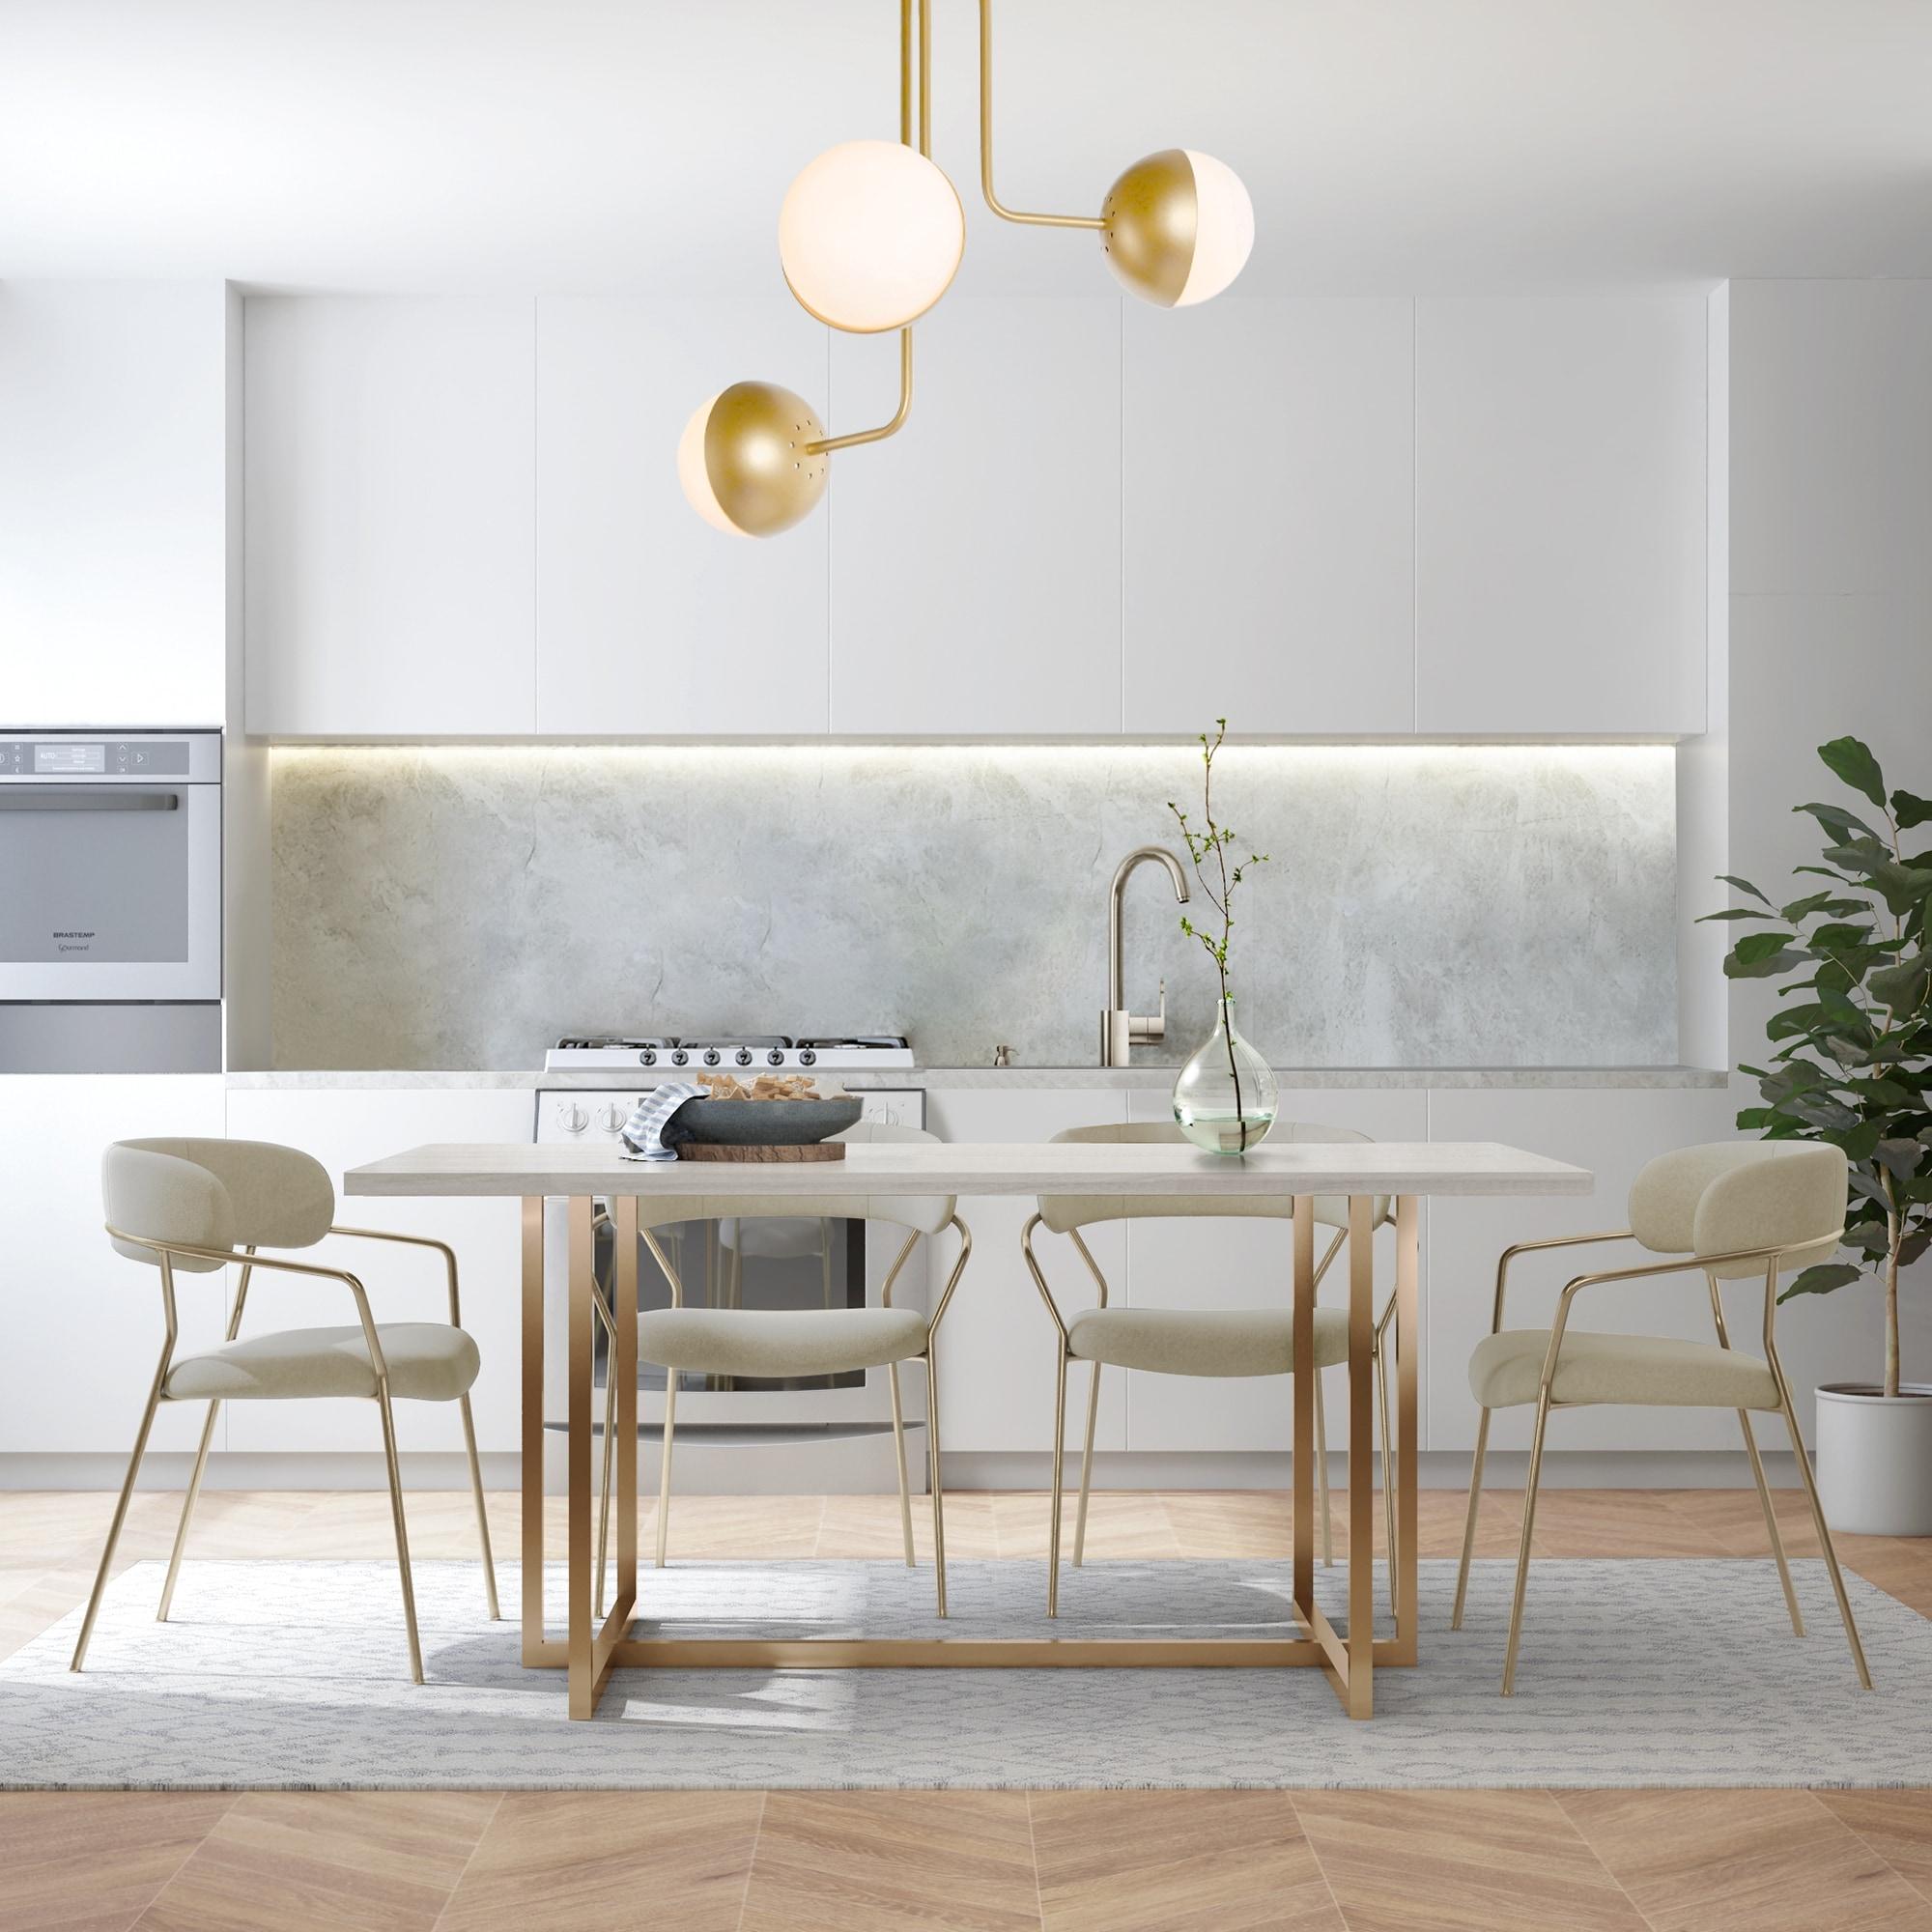 Sputnik 3 Light Semi Flush Mount Modern Ceiling Lighting For Living Room Bedroom W23 6 Xh22 8 Overstock 32454039